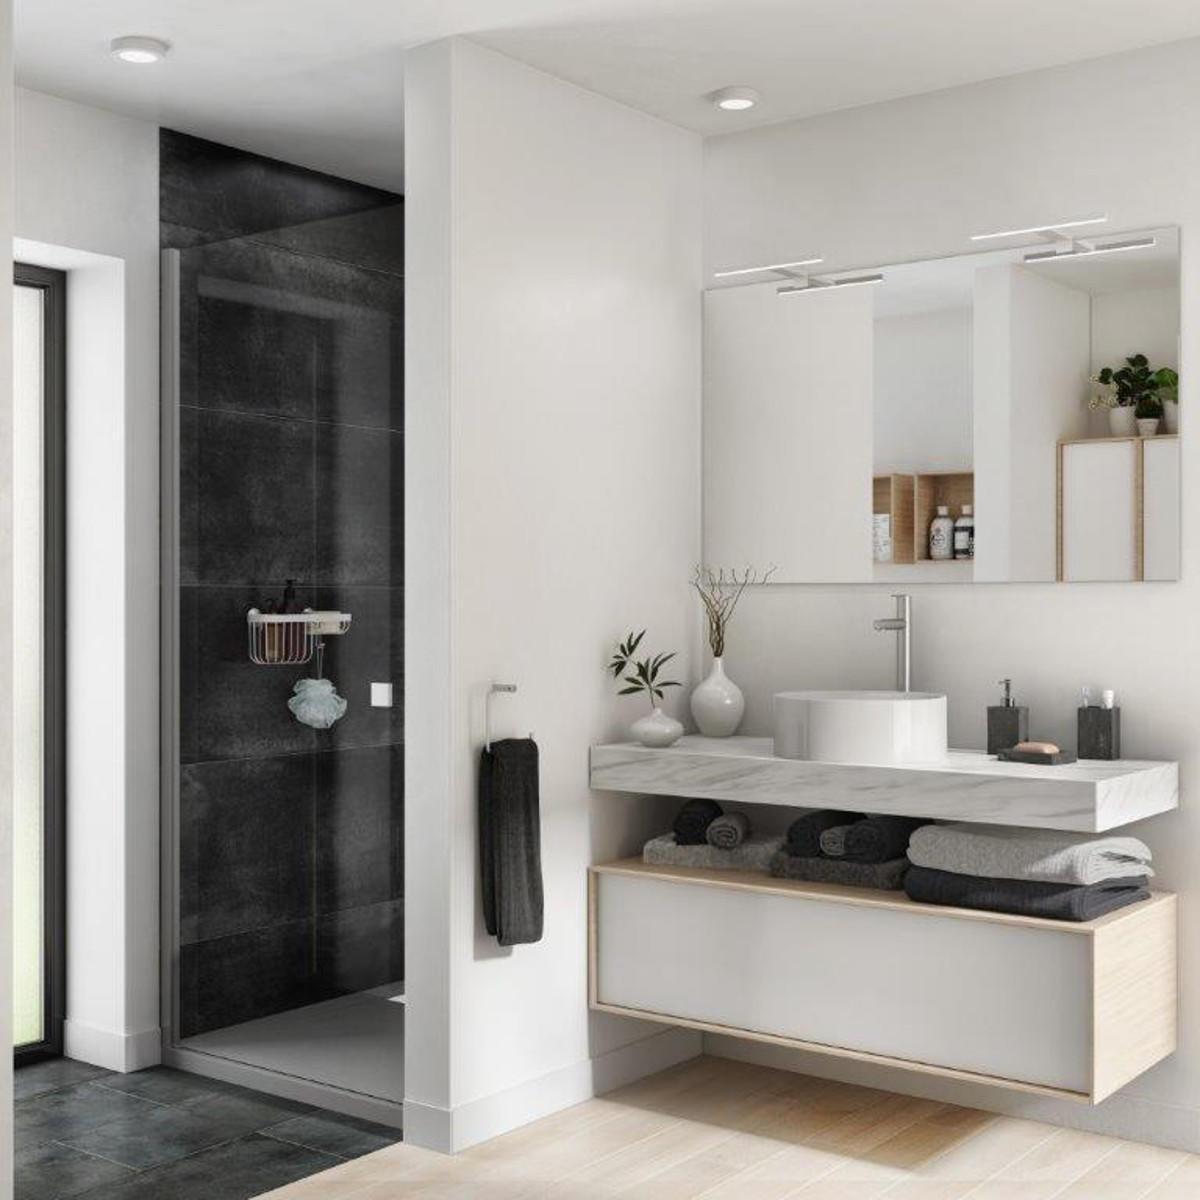 Mobile bagno Neo frame rovere naturale/bianco L 90 cm